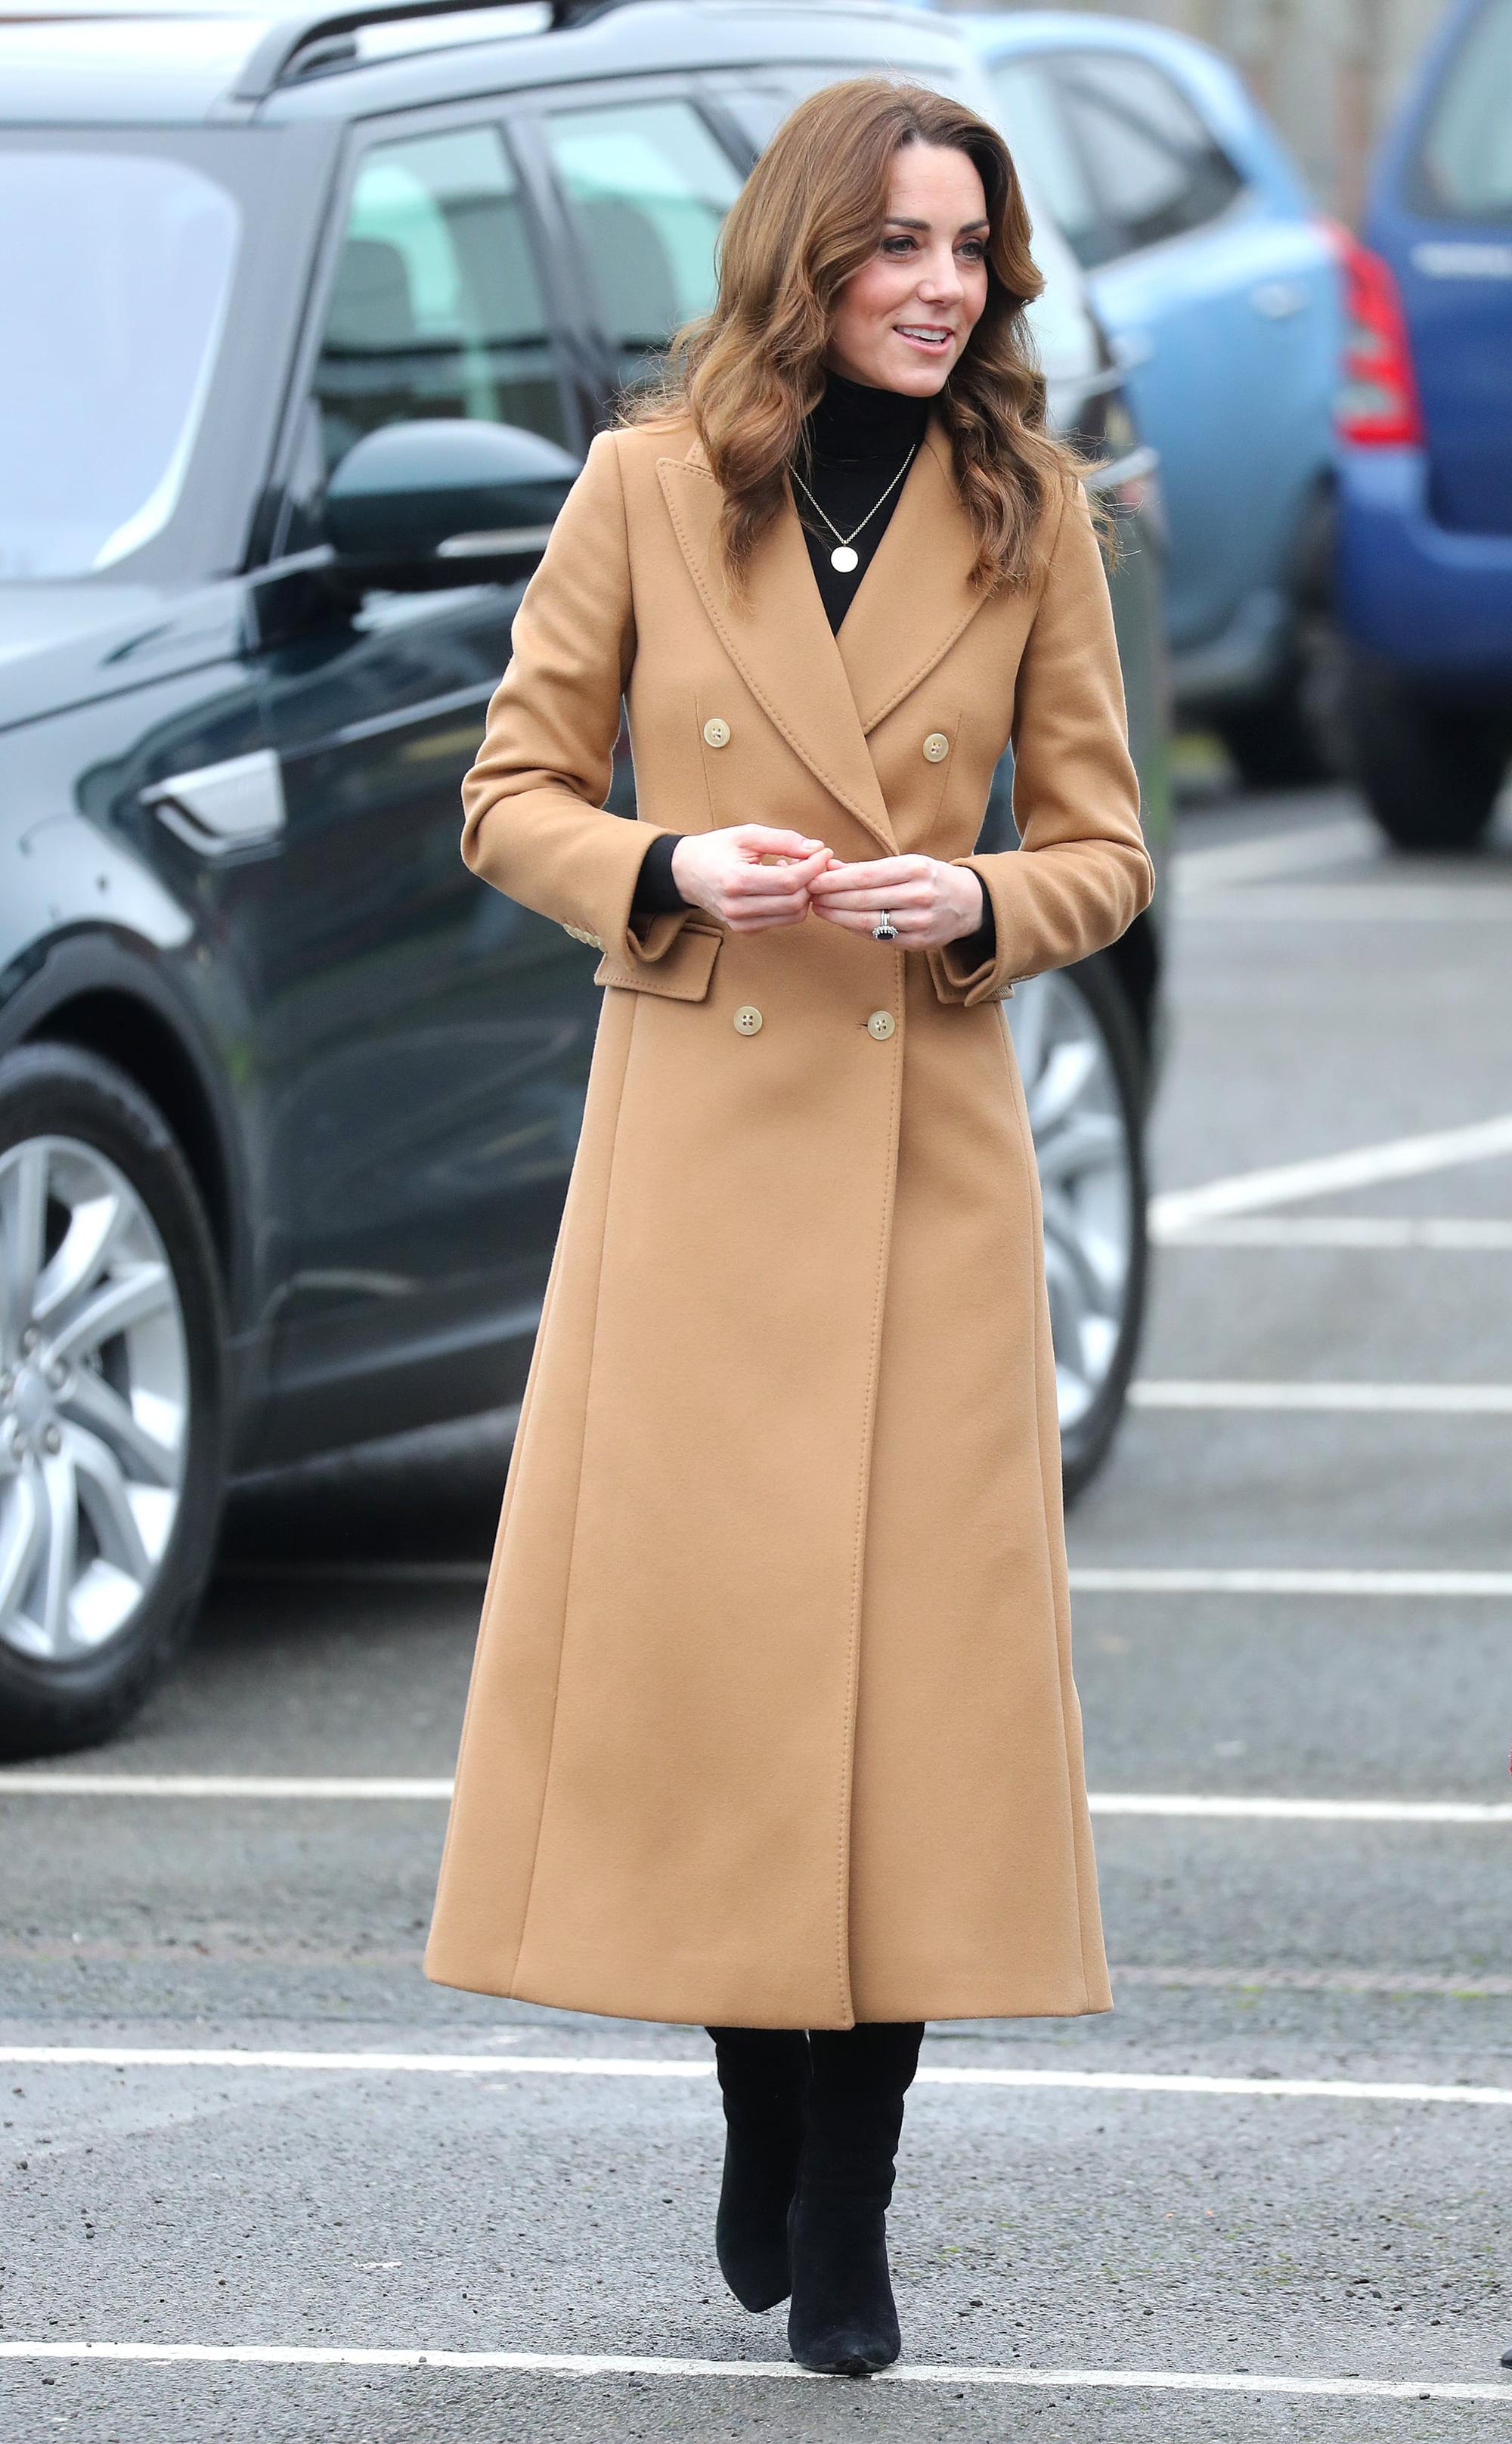 """Chẳng ngờ phía sau set đồ tưởng chừng giản dị của Công nương Kate Middleton lại """"chất chơi"""" nhường vậy - Ảnh 2."""